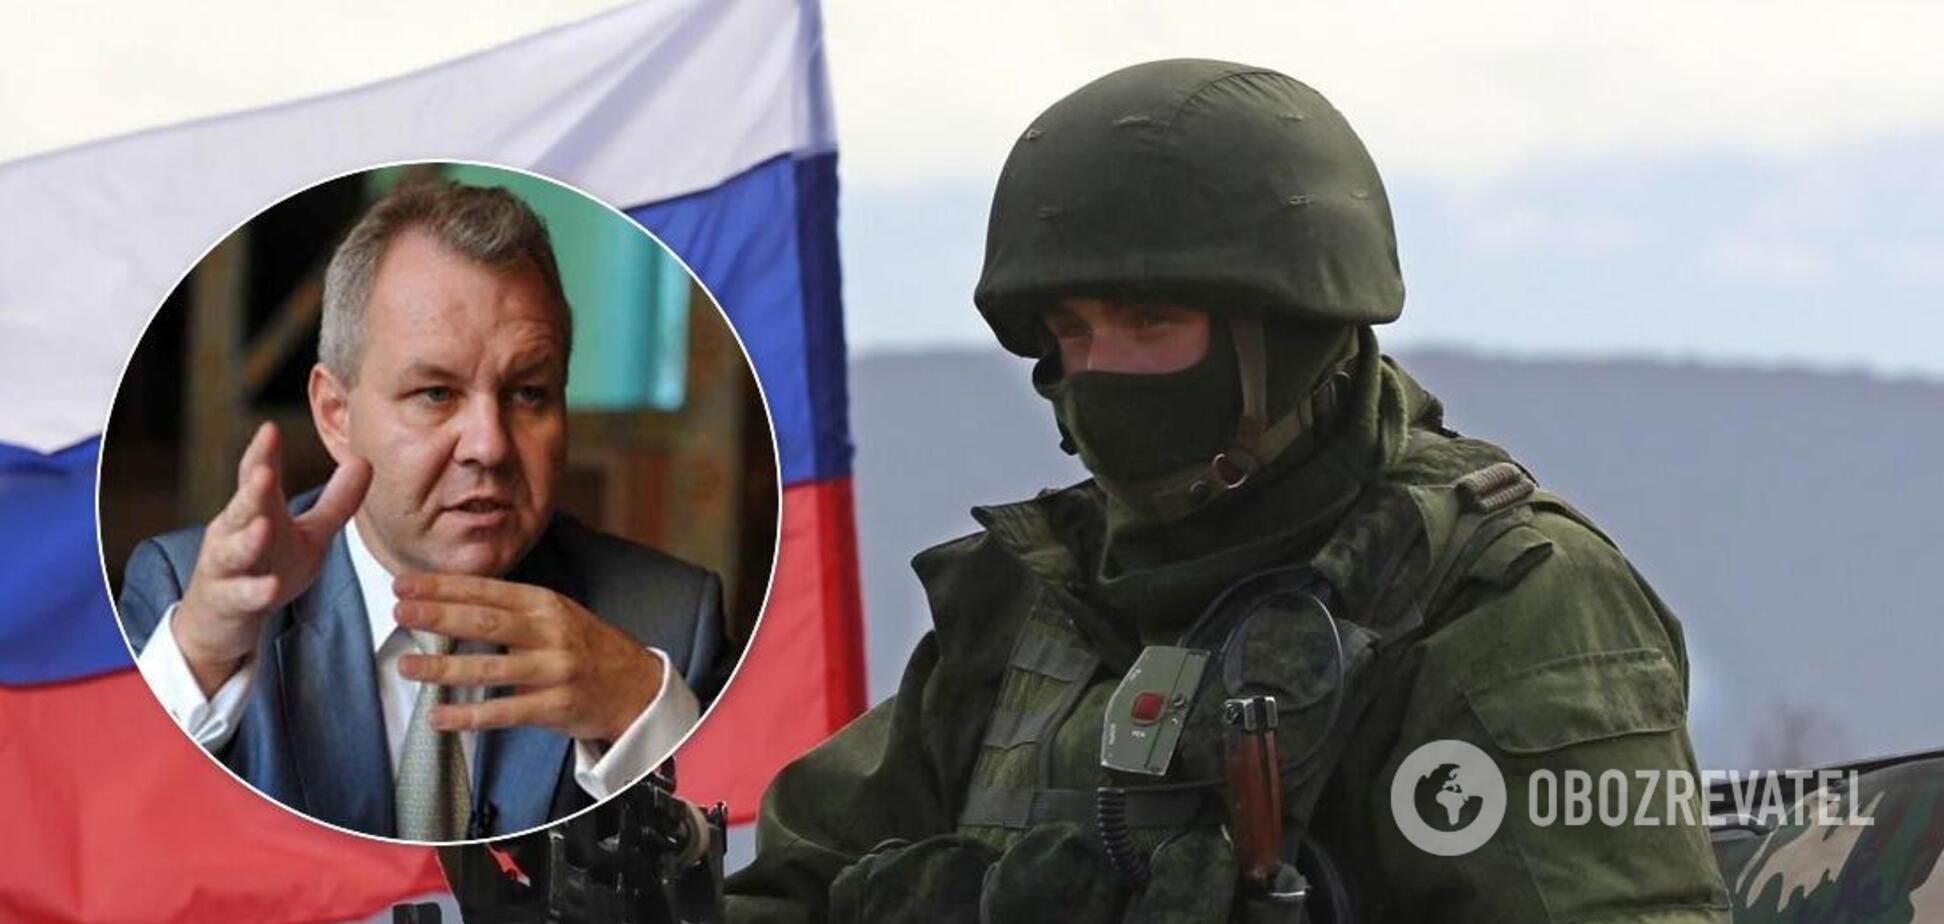 У Владислава Иноземцева не вызывает сомнений, что террористические группировки на Донбассе поддерживаются РФ